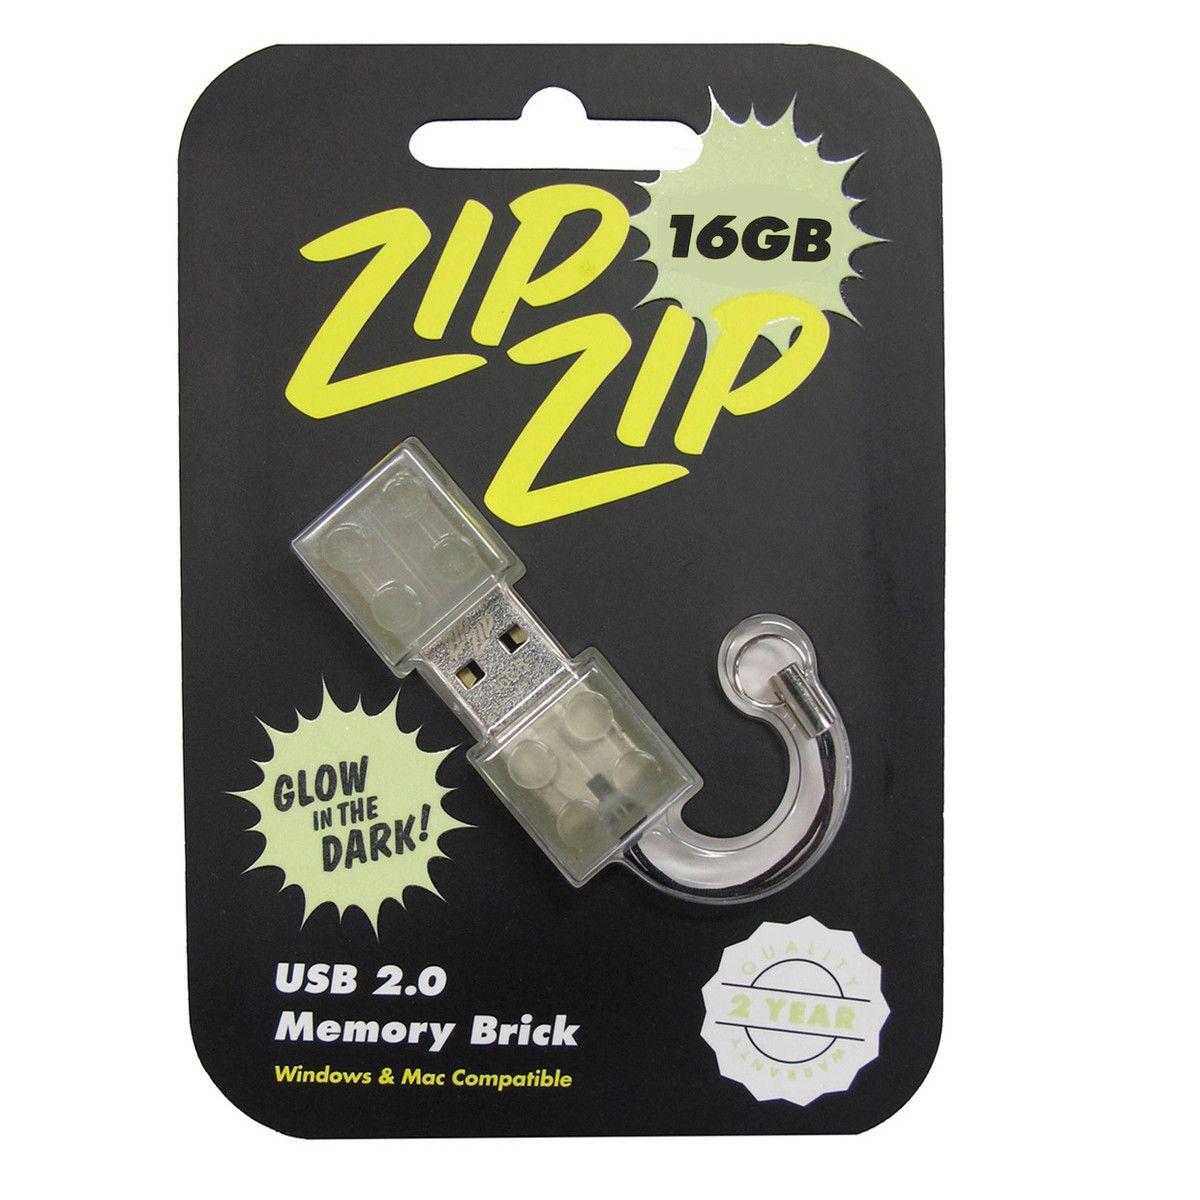 $40 16GB Memory Brick Glow